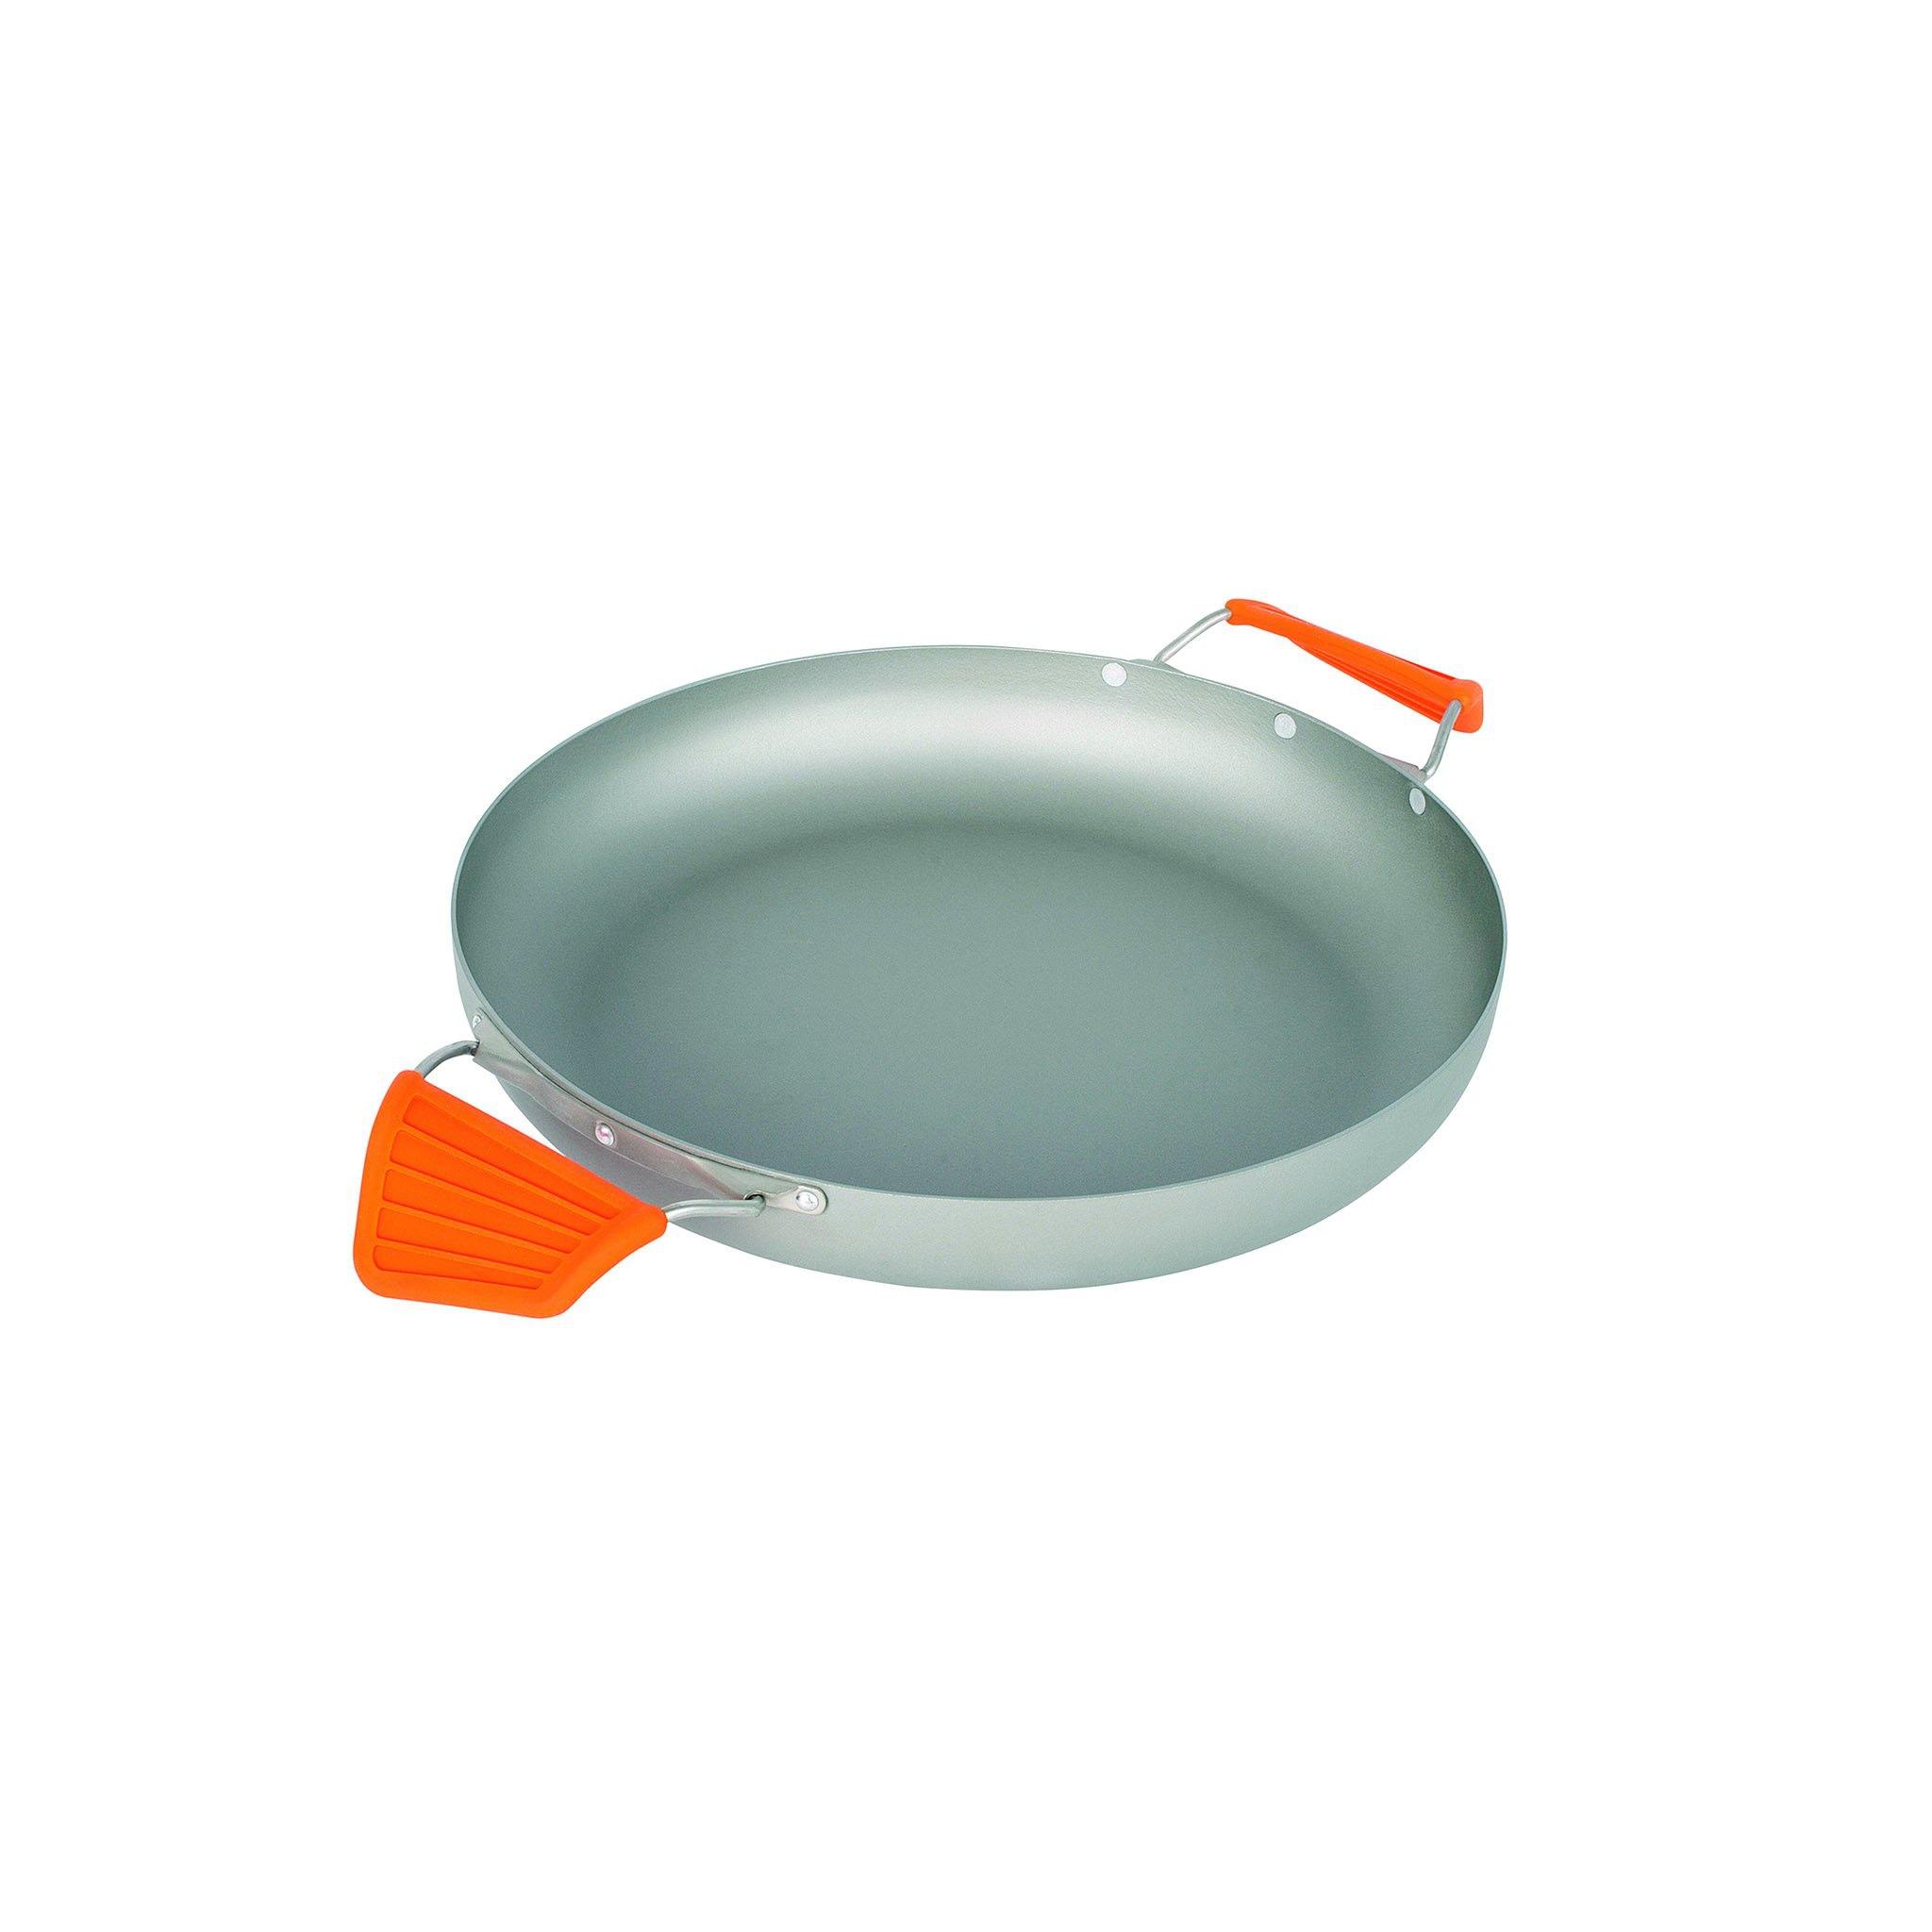 X PAN 8IN BASE